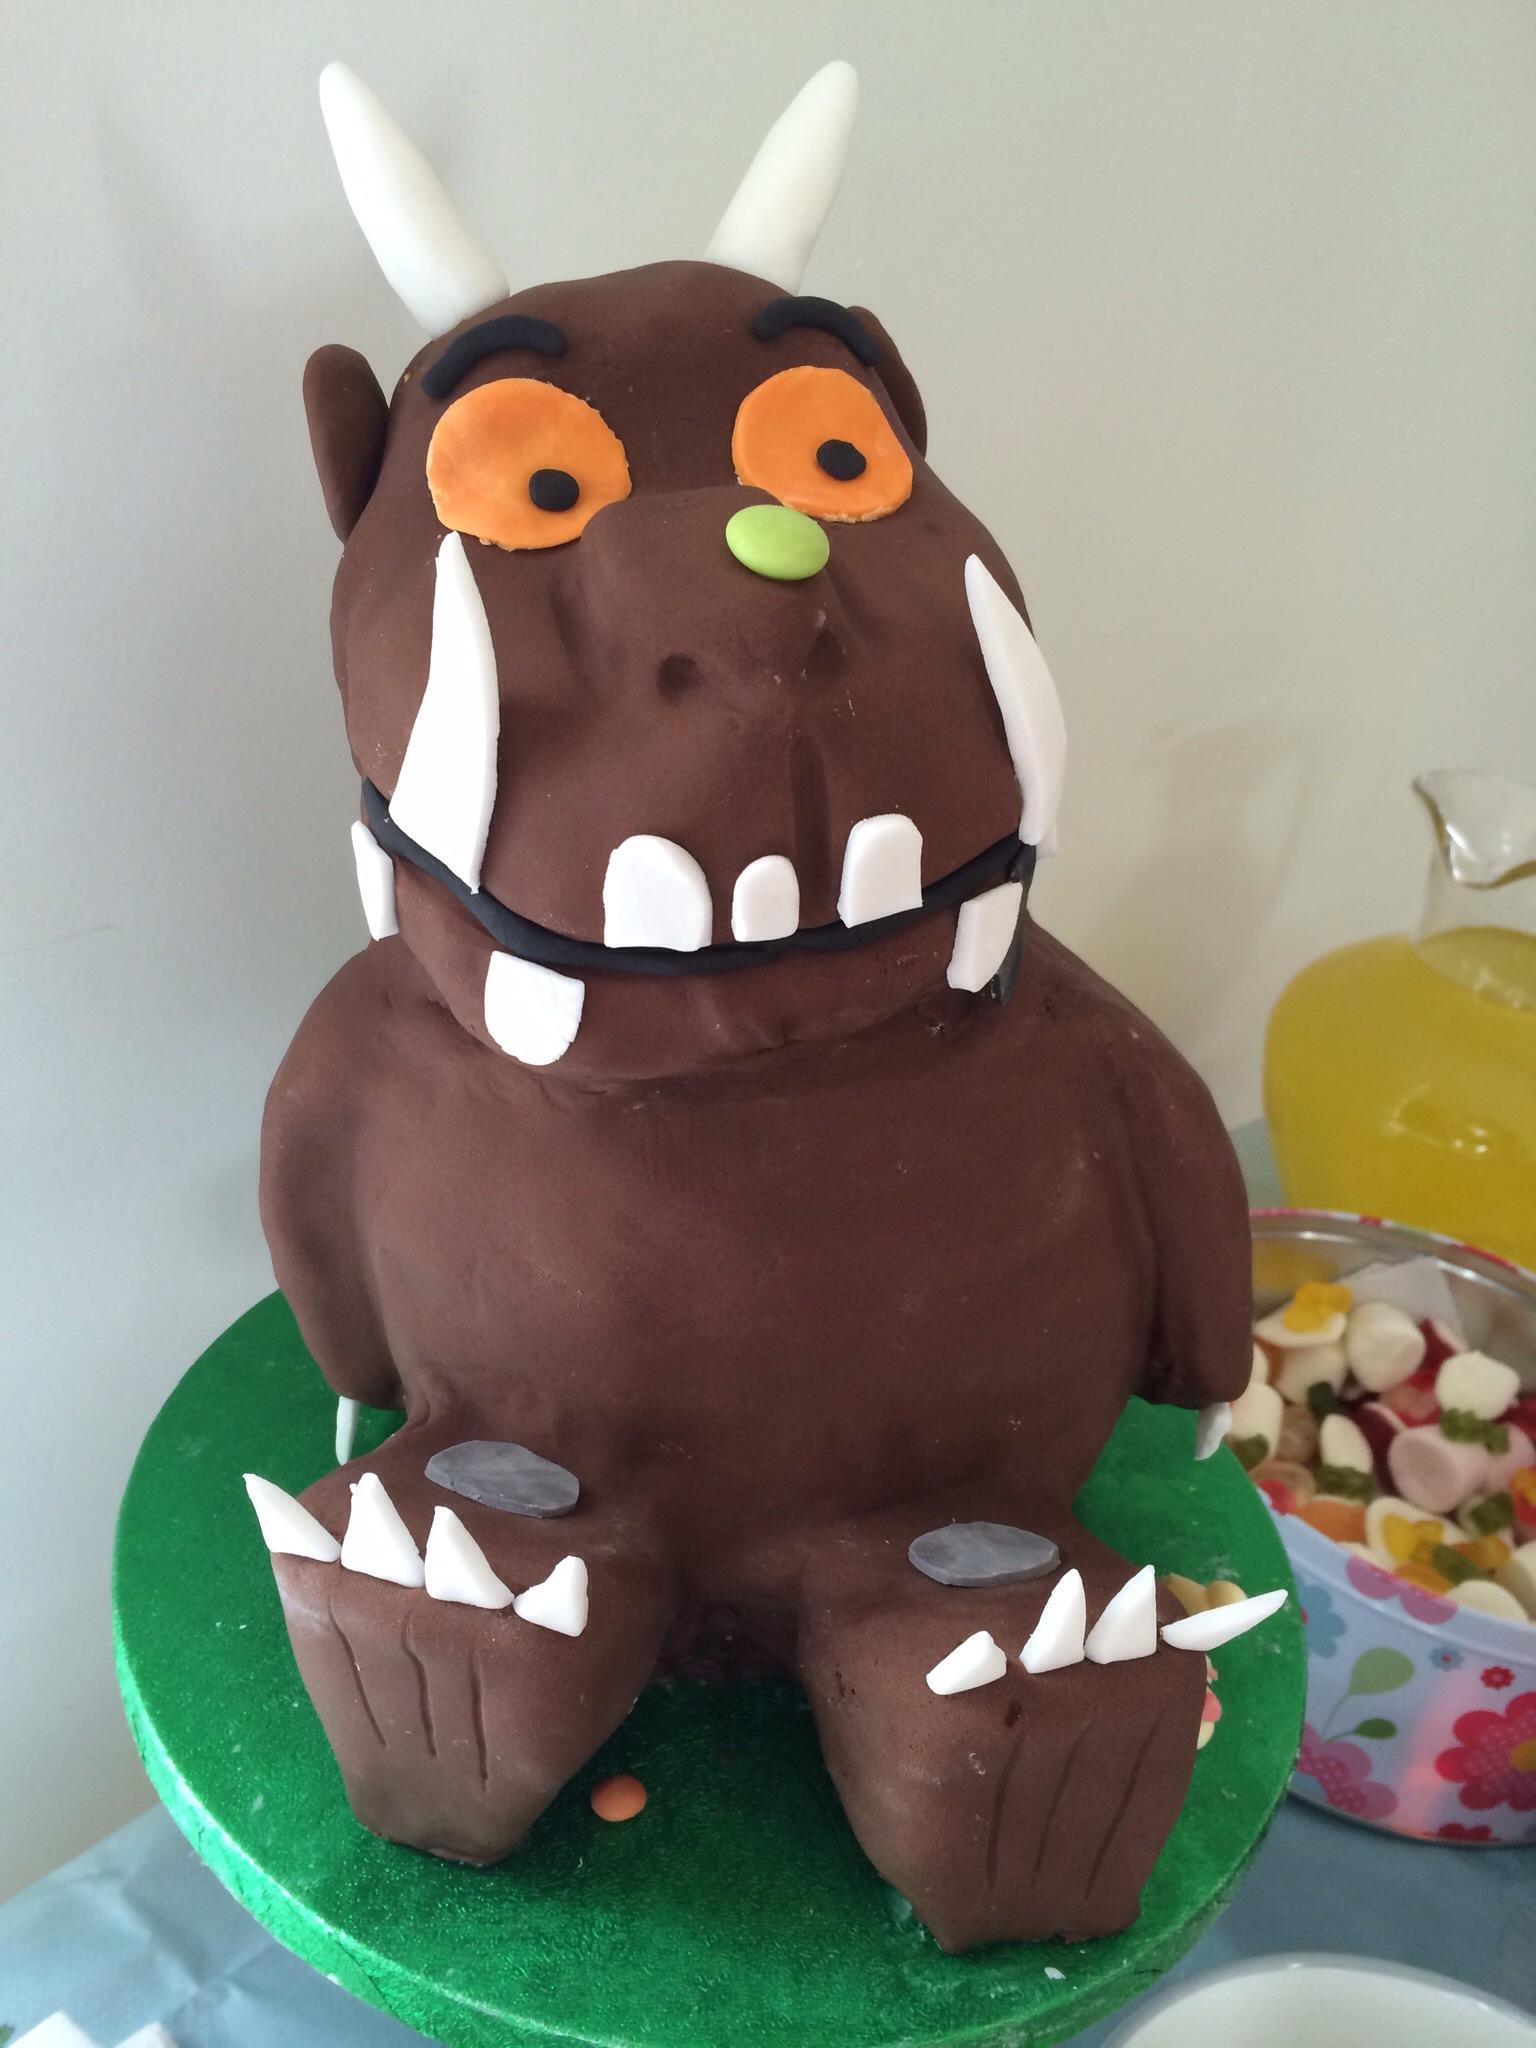 My Gruffalo Cake